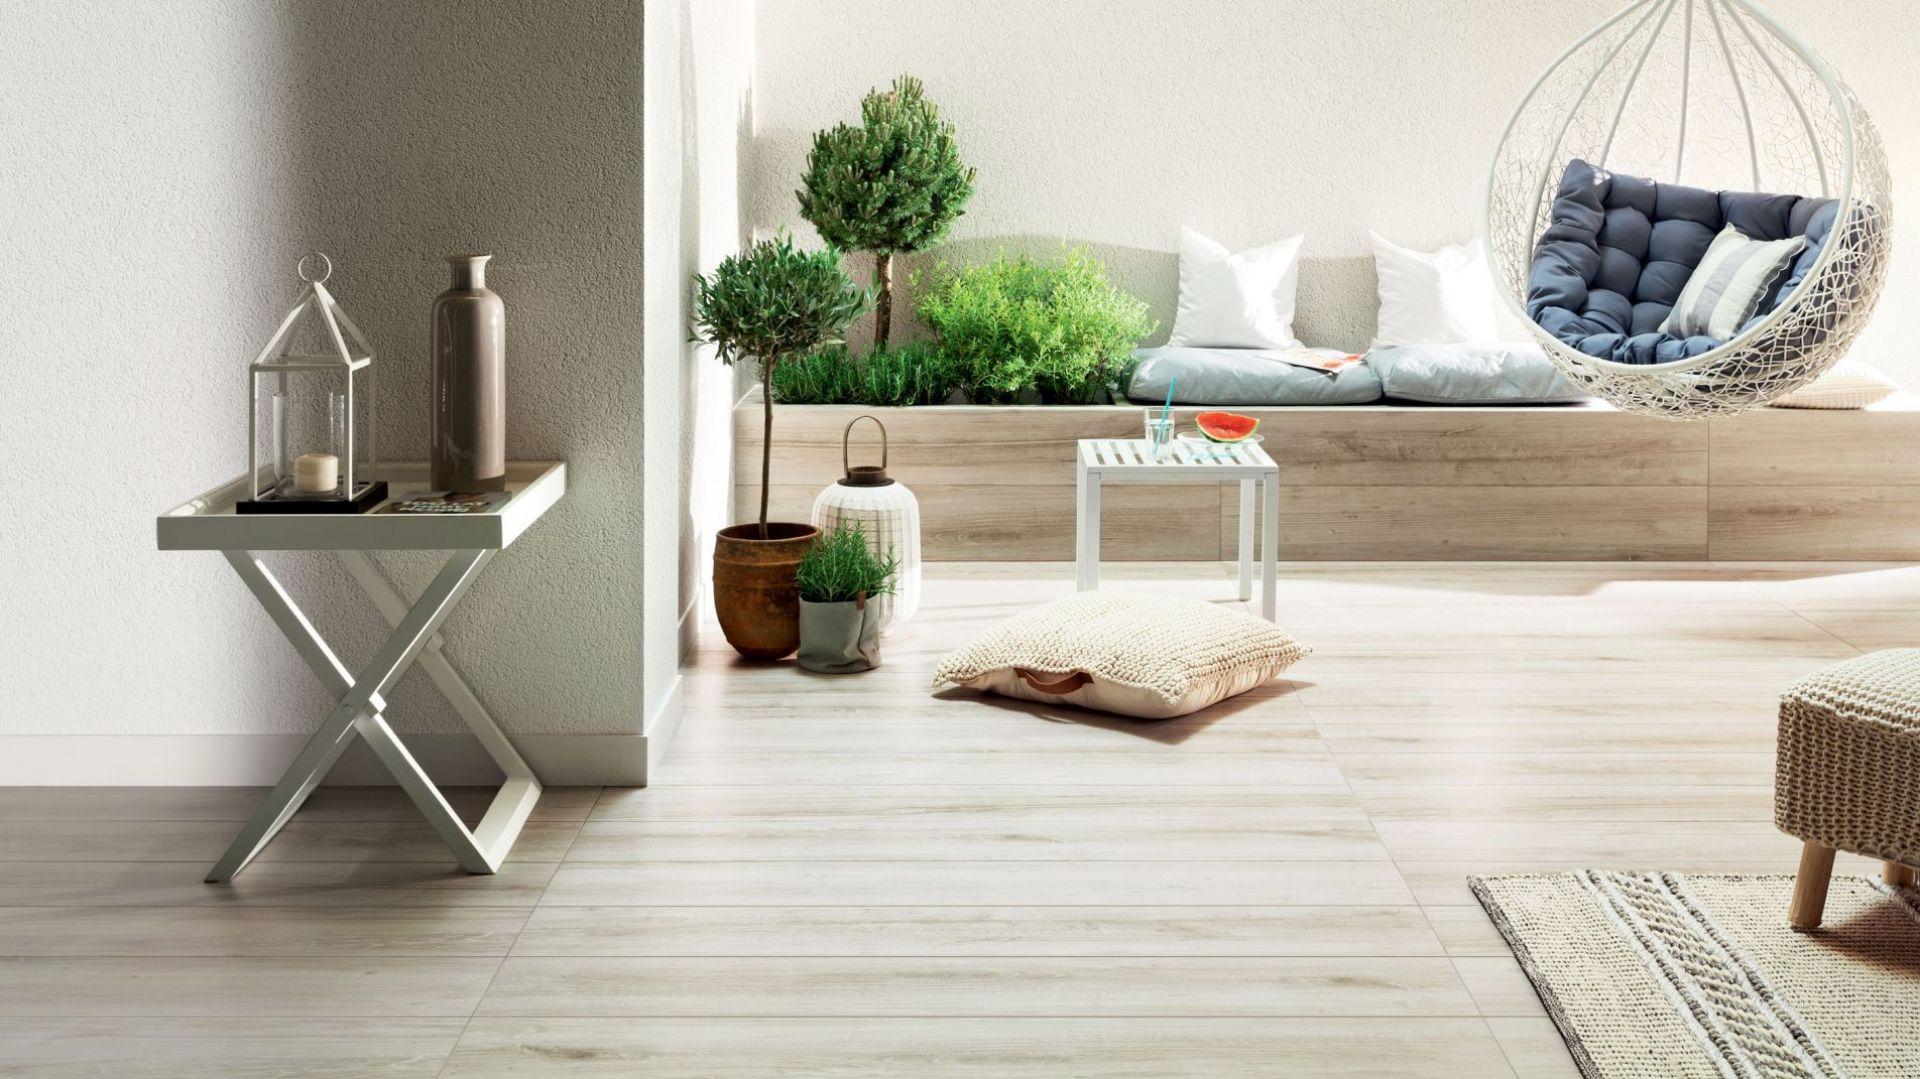 Płytki na taras w dużym formacie - kolekcja Wood Craft Grey. Fot. Tubądzin marka Korzilius